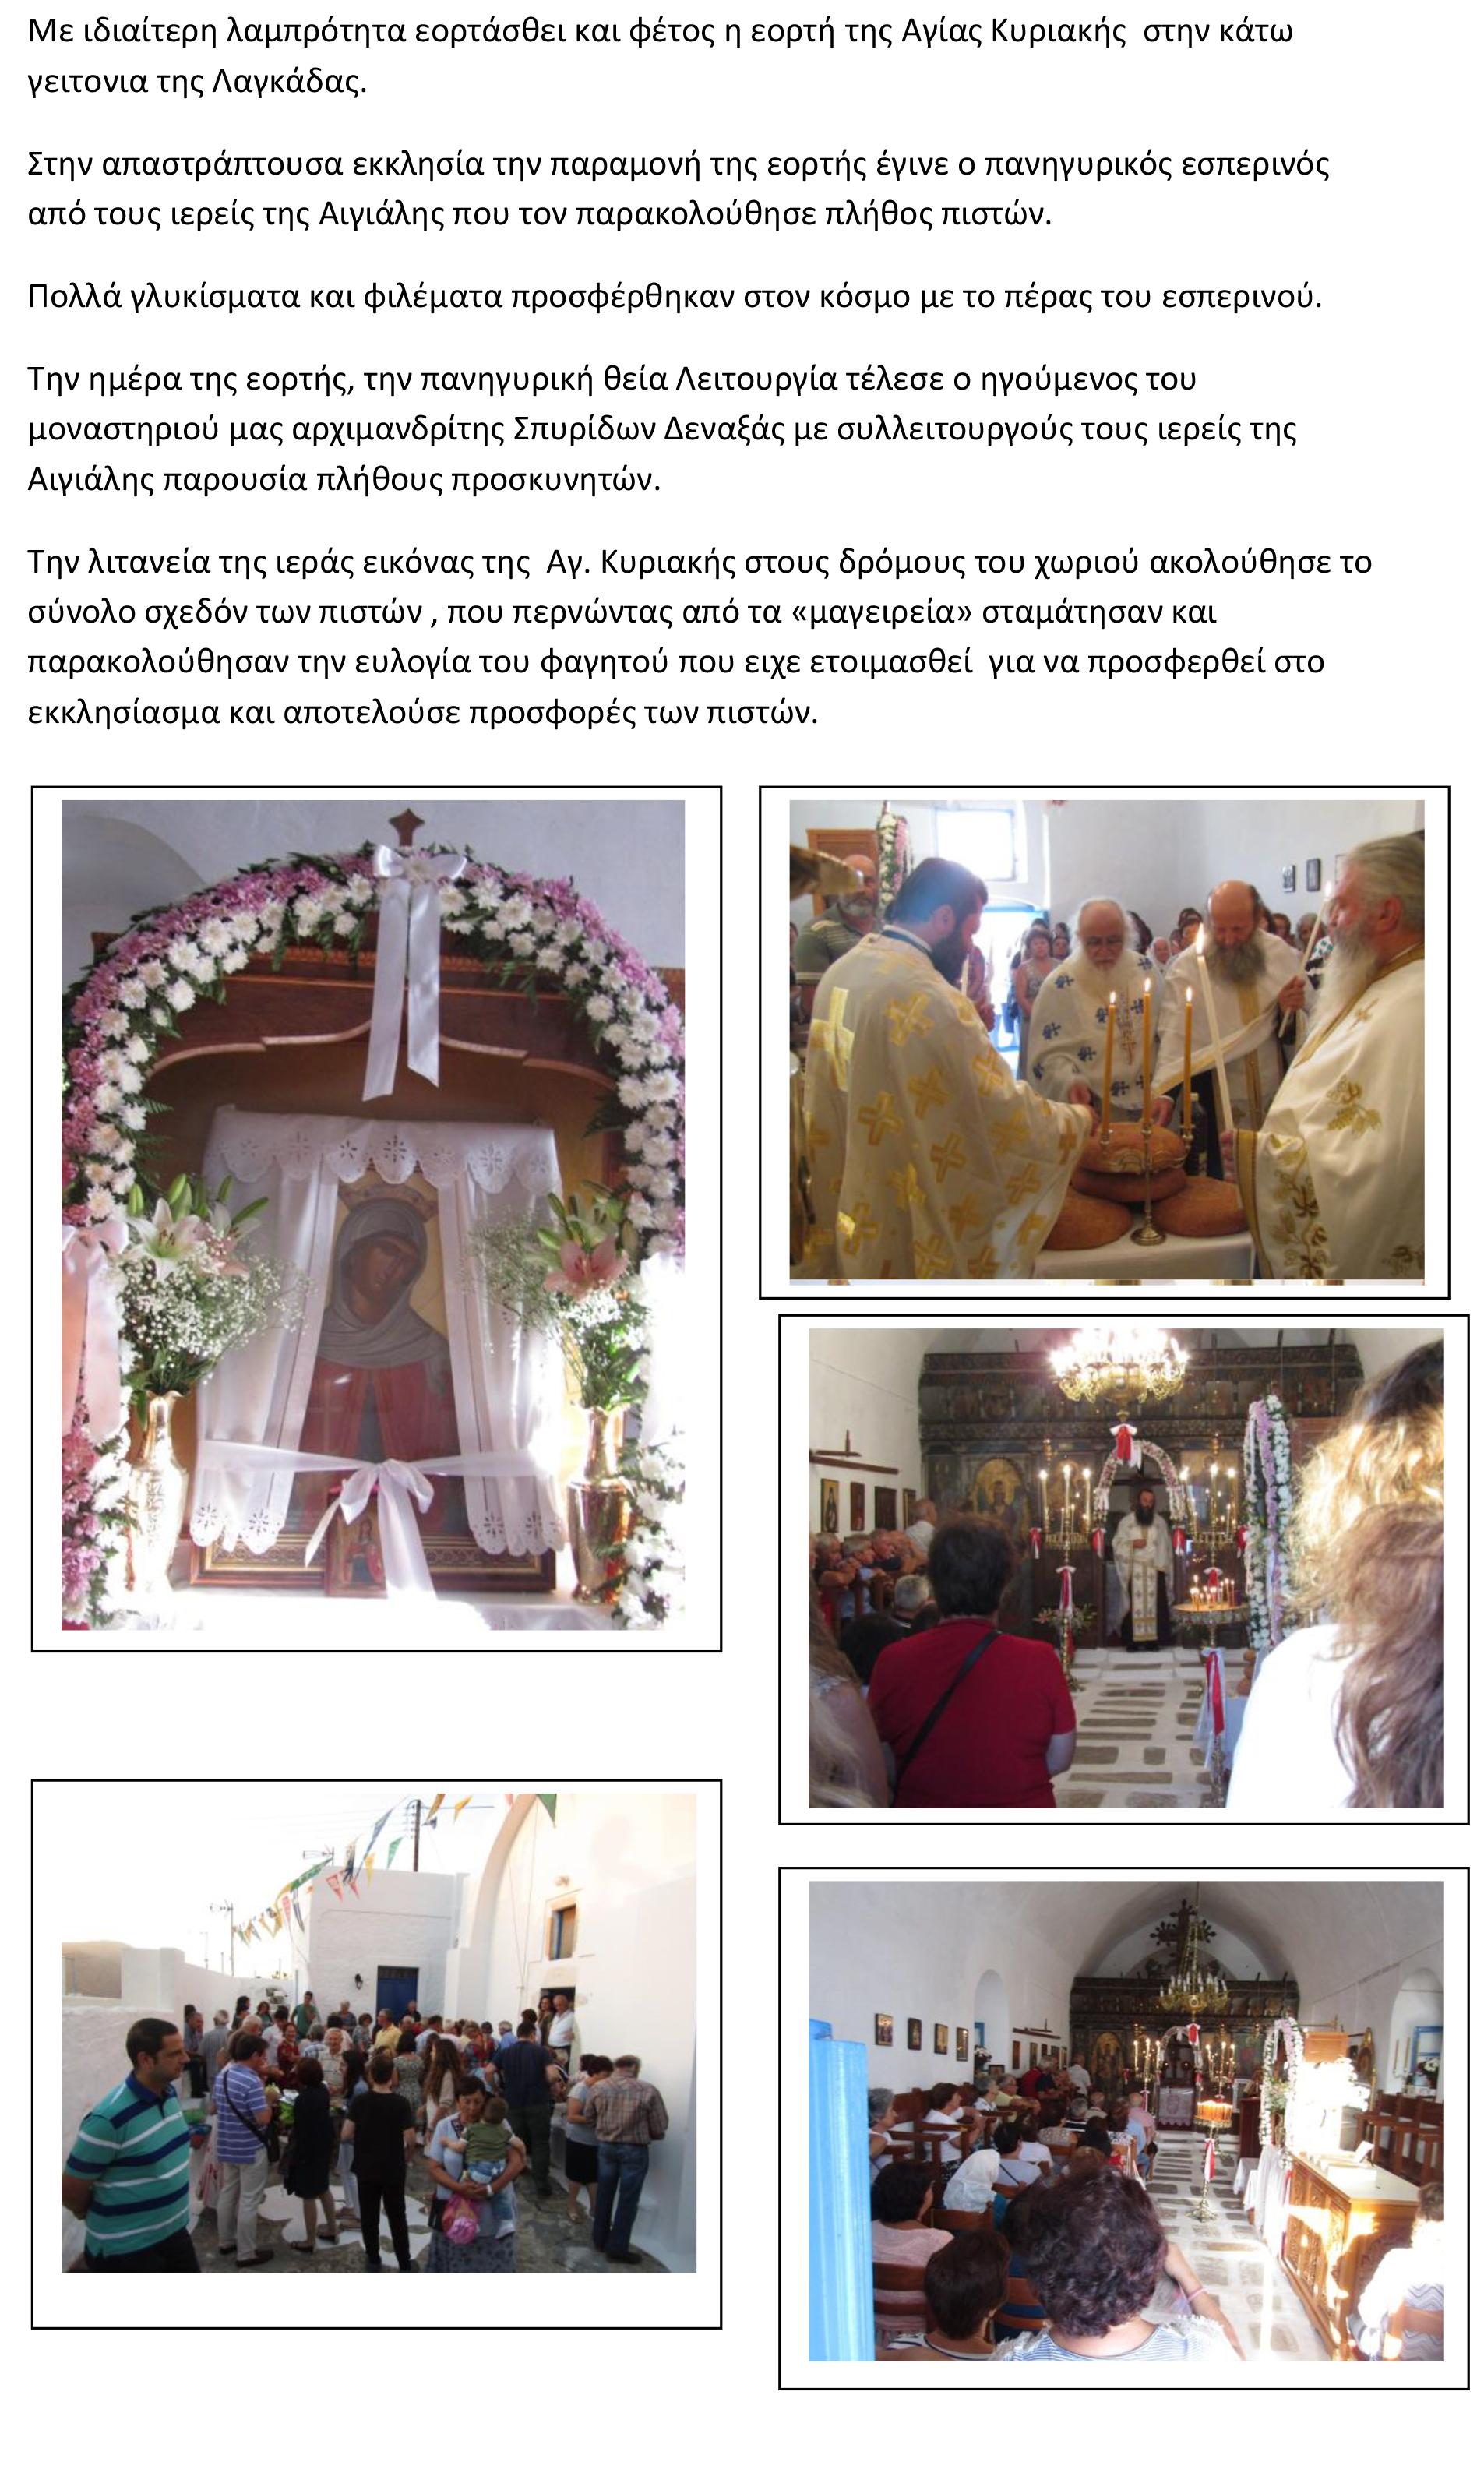 Με ιδιαίτερη λαμπρότητα εορτάσθει και φέτος η εορτή της Αγίας Κυριακής στην κάτω γειτονια της Λαγκάδας-1